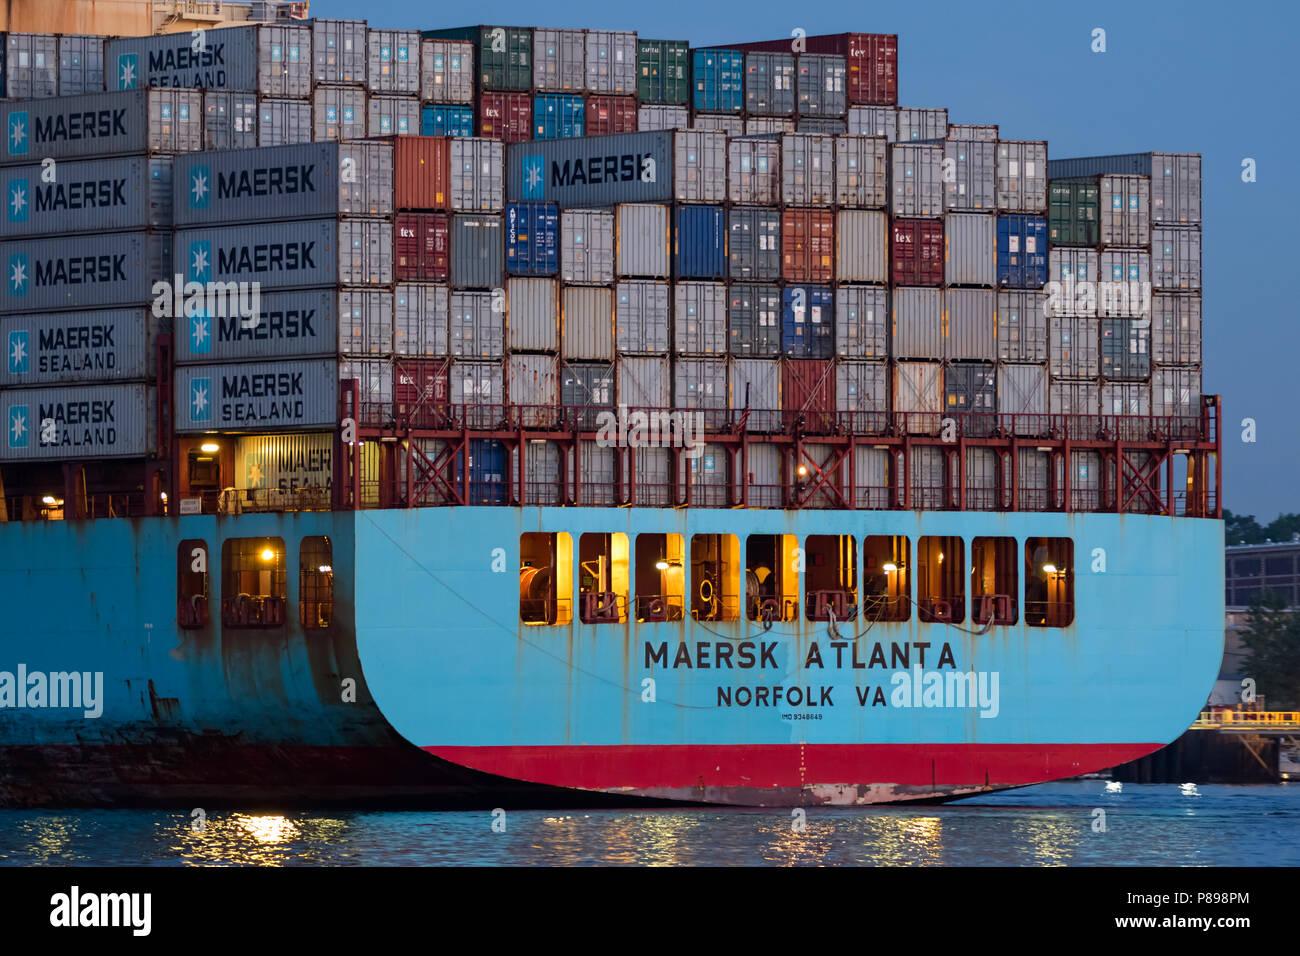 Stern anzeigen Behälter (Box) Schiff MAERSK Atlanta in der Dämmerung; eingehend Newark Bay und die Elizabeth Seaport Stockfoto